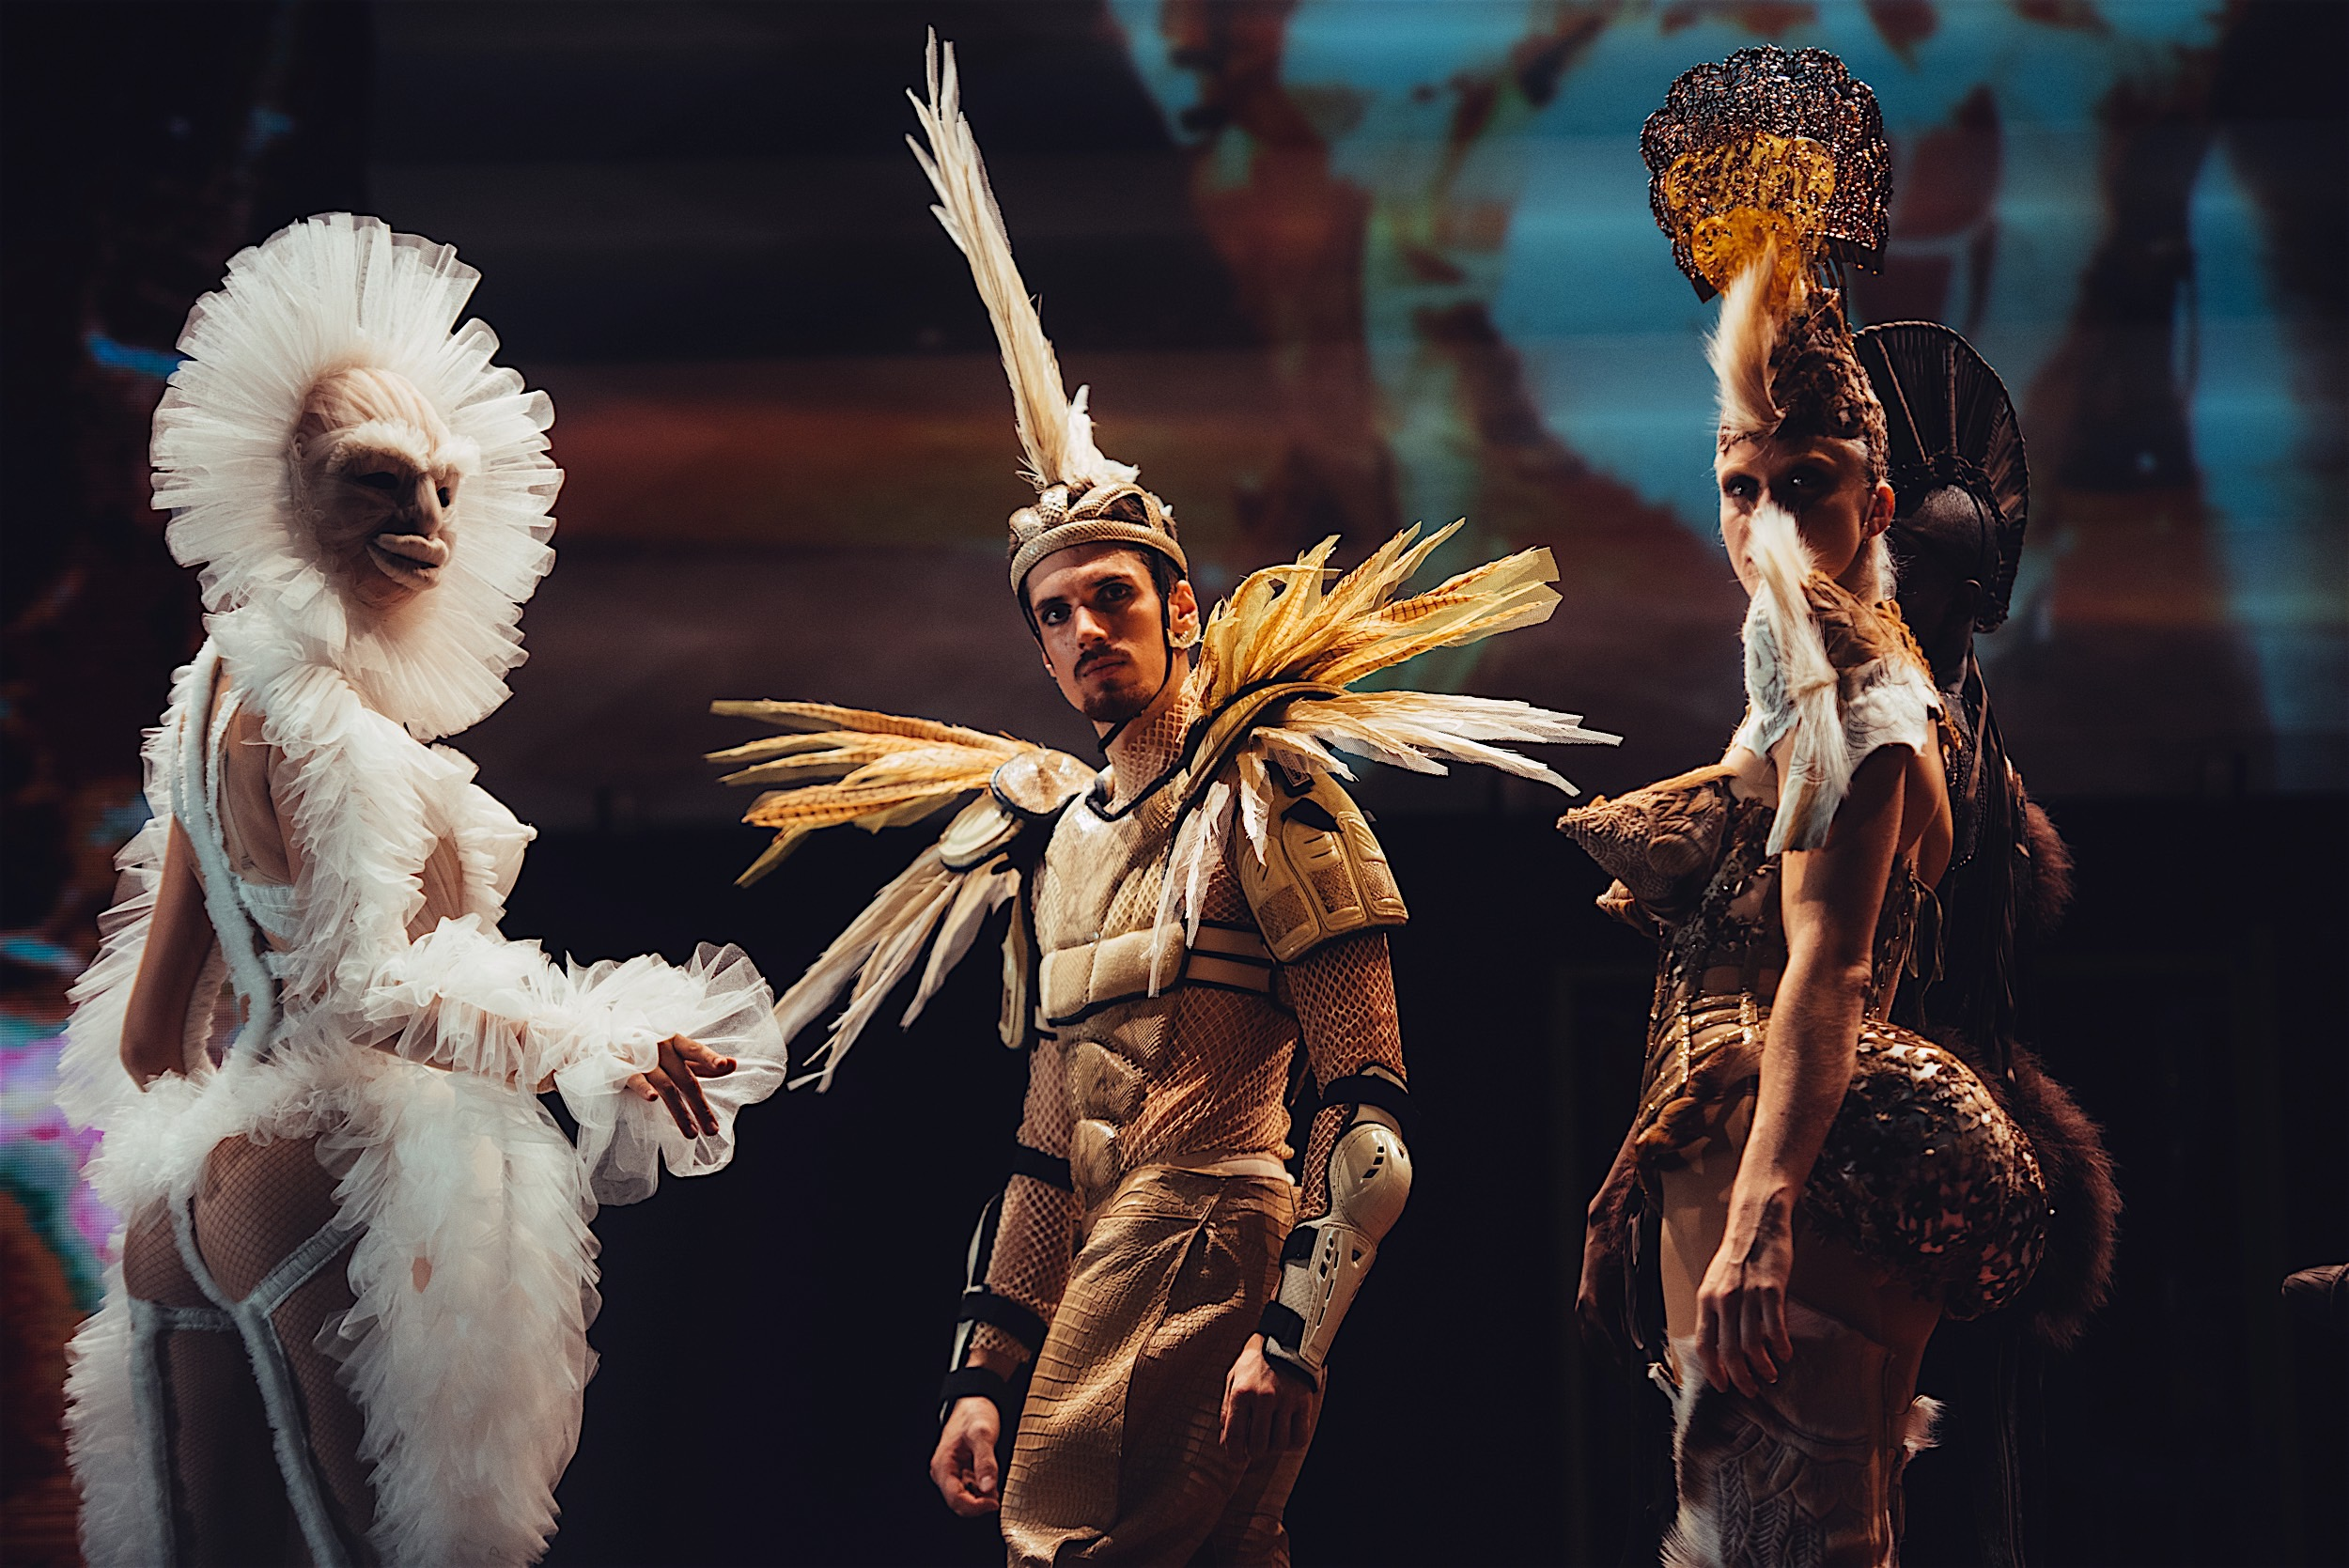 La Moda al Festival di Spoleto 2019